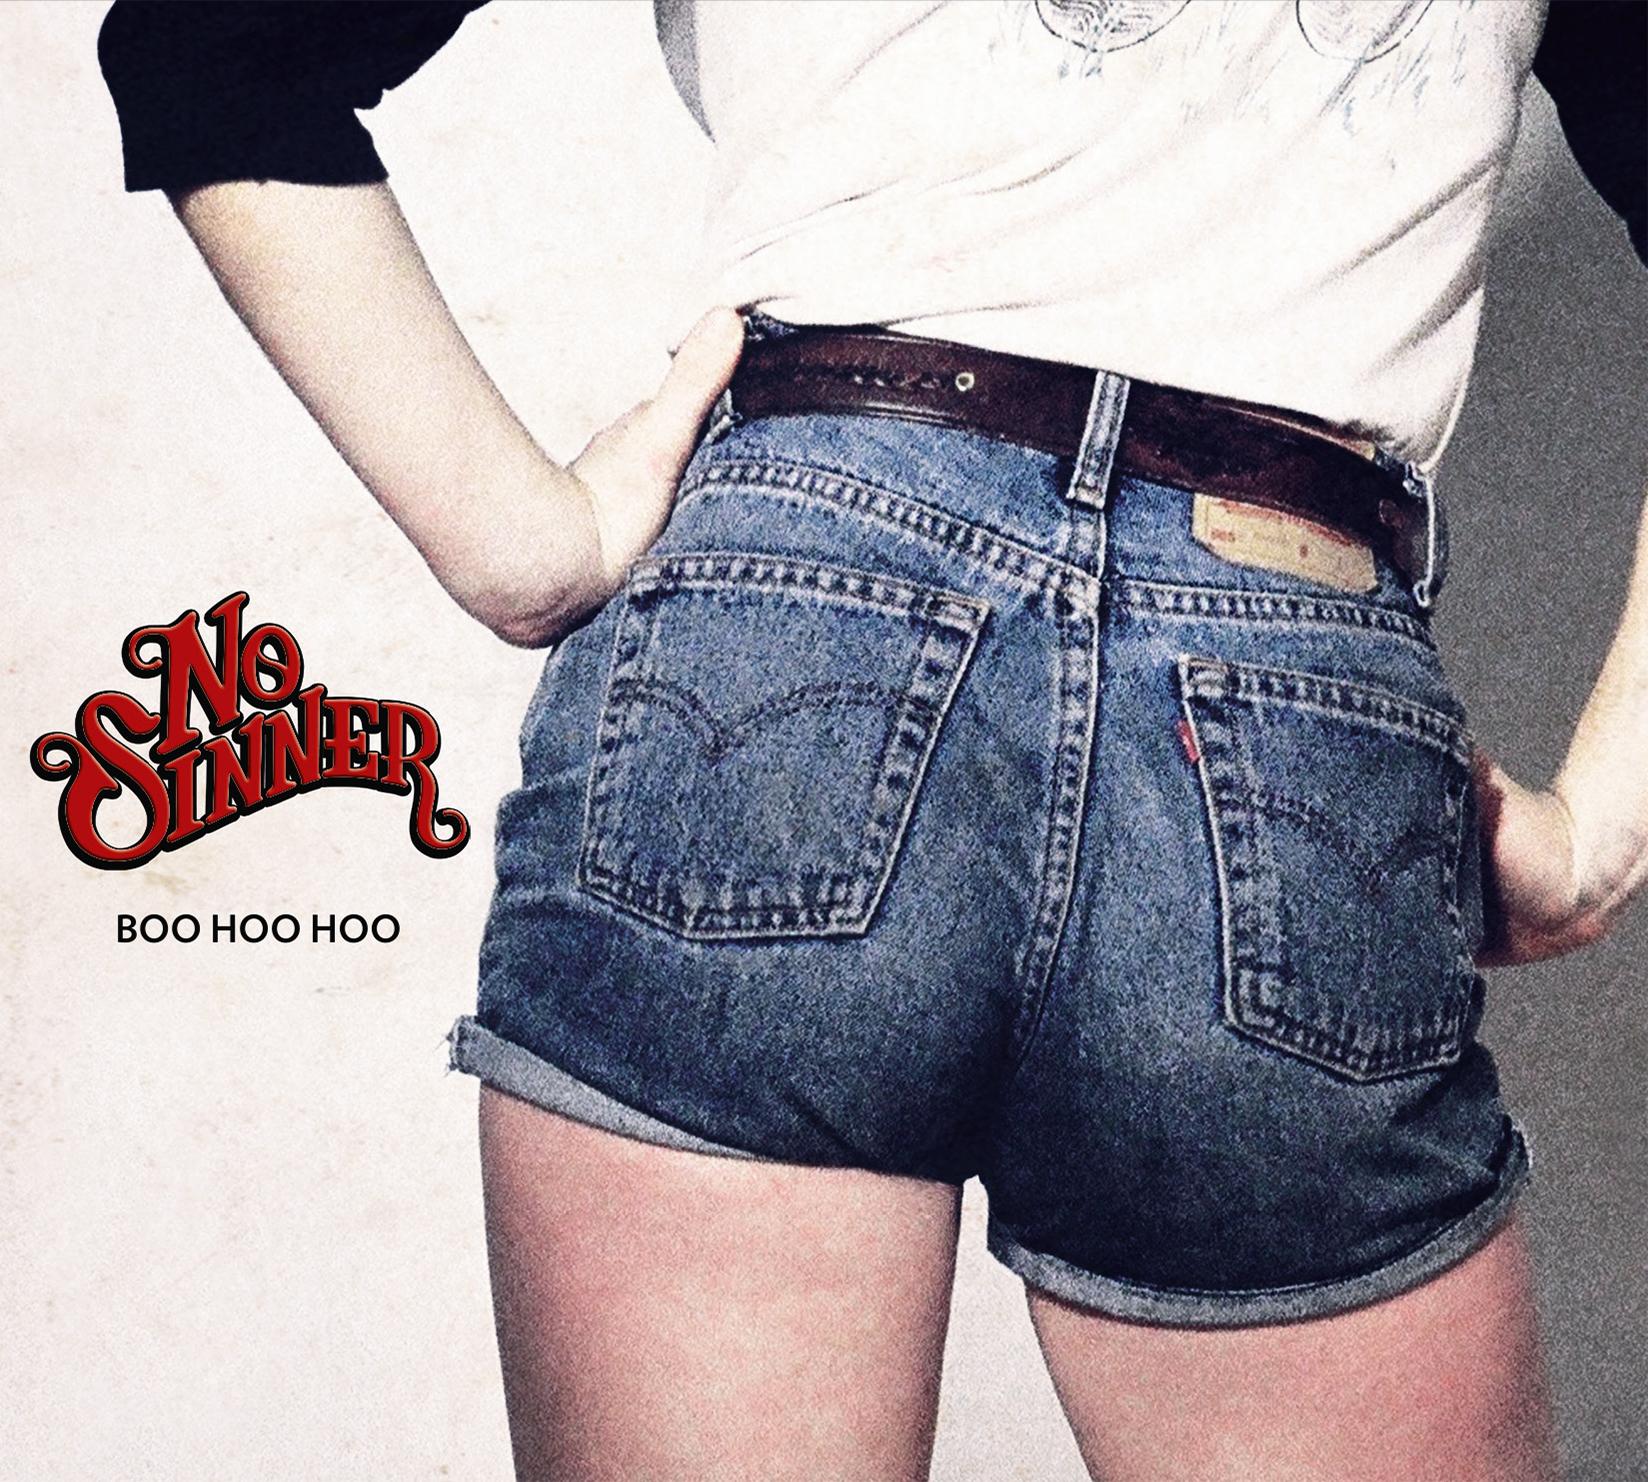 No Sinner – Boo Hoo Hoo